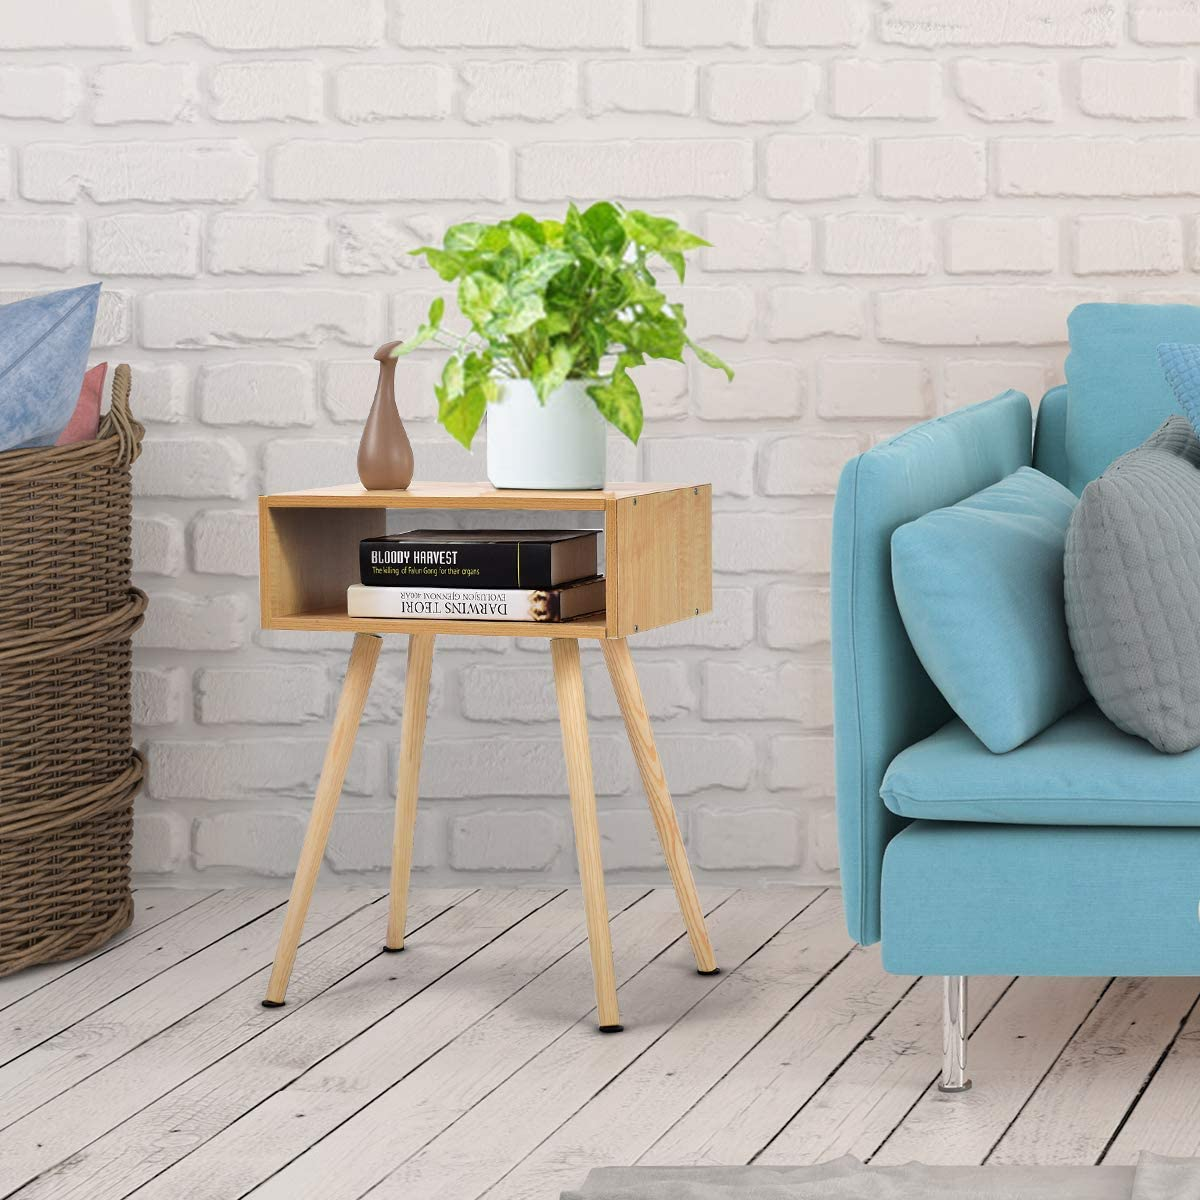 Telefontisch Nachtkommode aus Holz Nachtschrank Flurtisch Natur GOPLUS Nachttisch Flurkommode Ablagetisch Beistelltisch Couchtisch